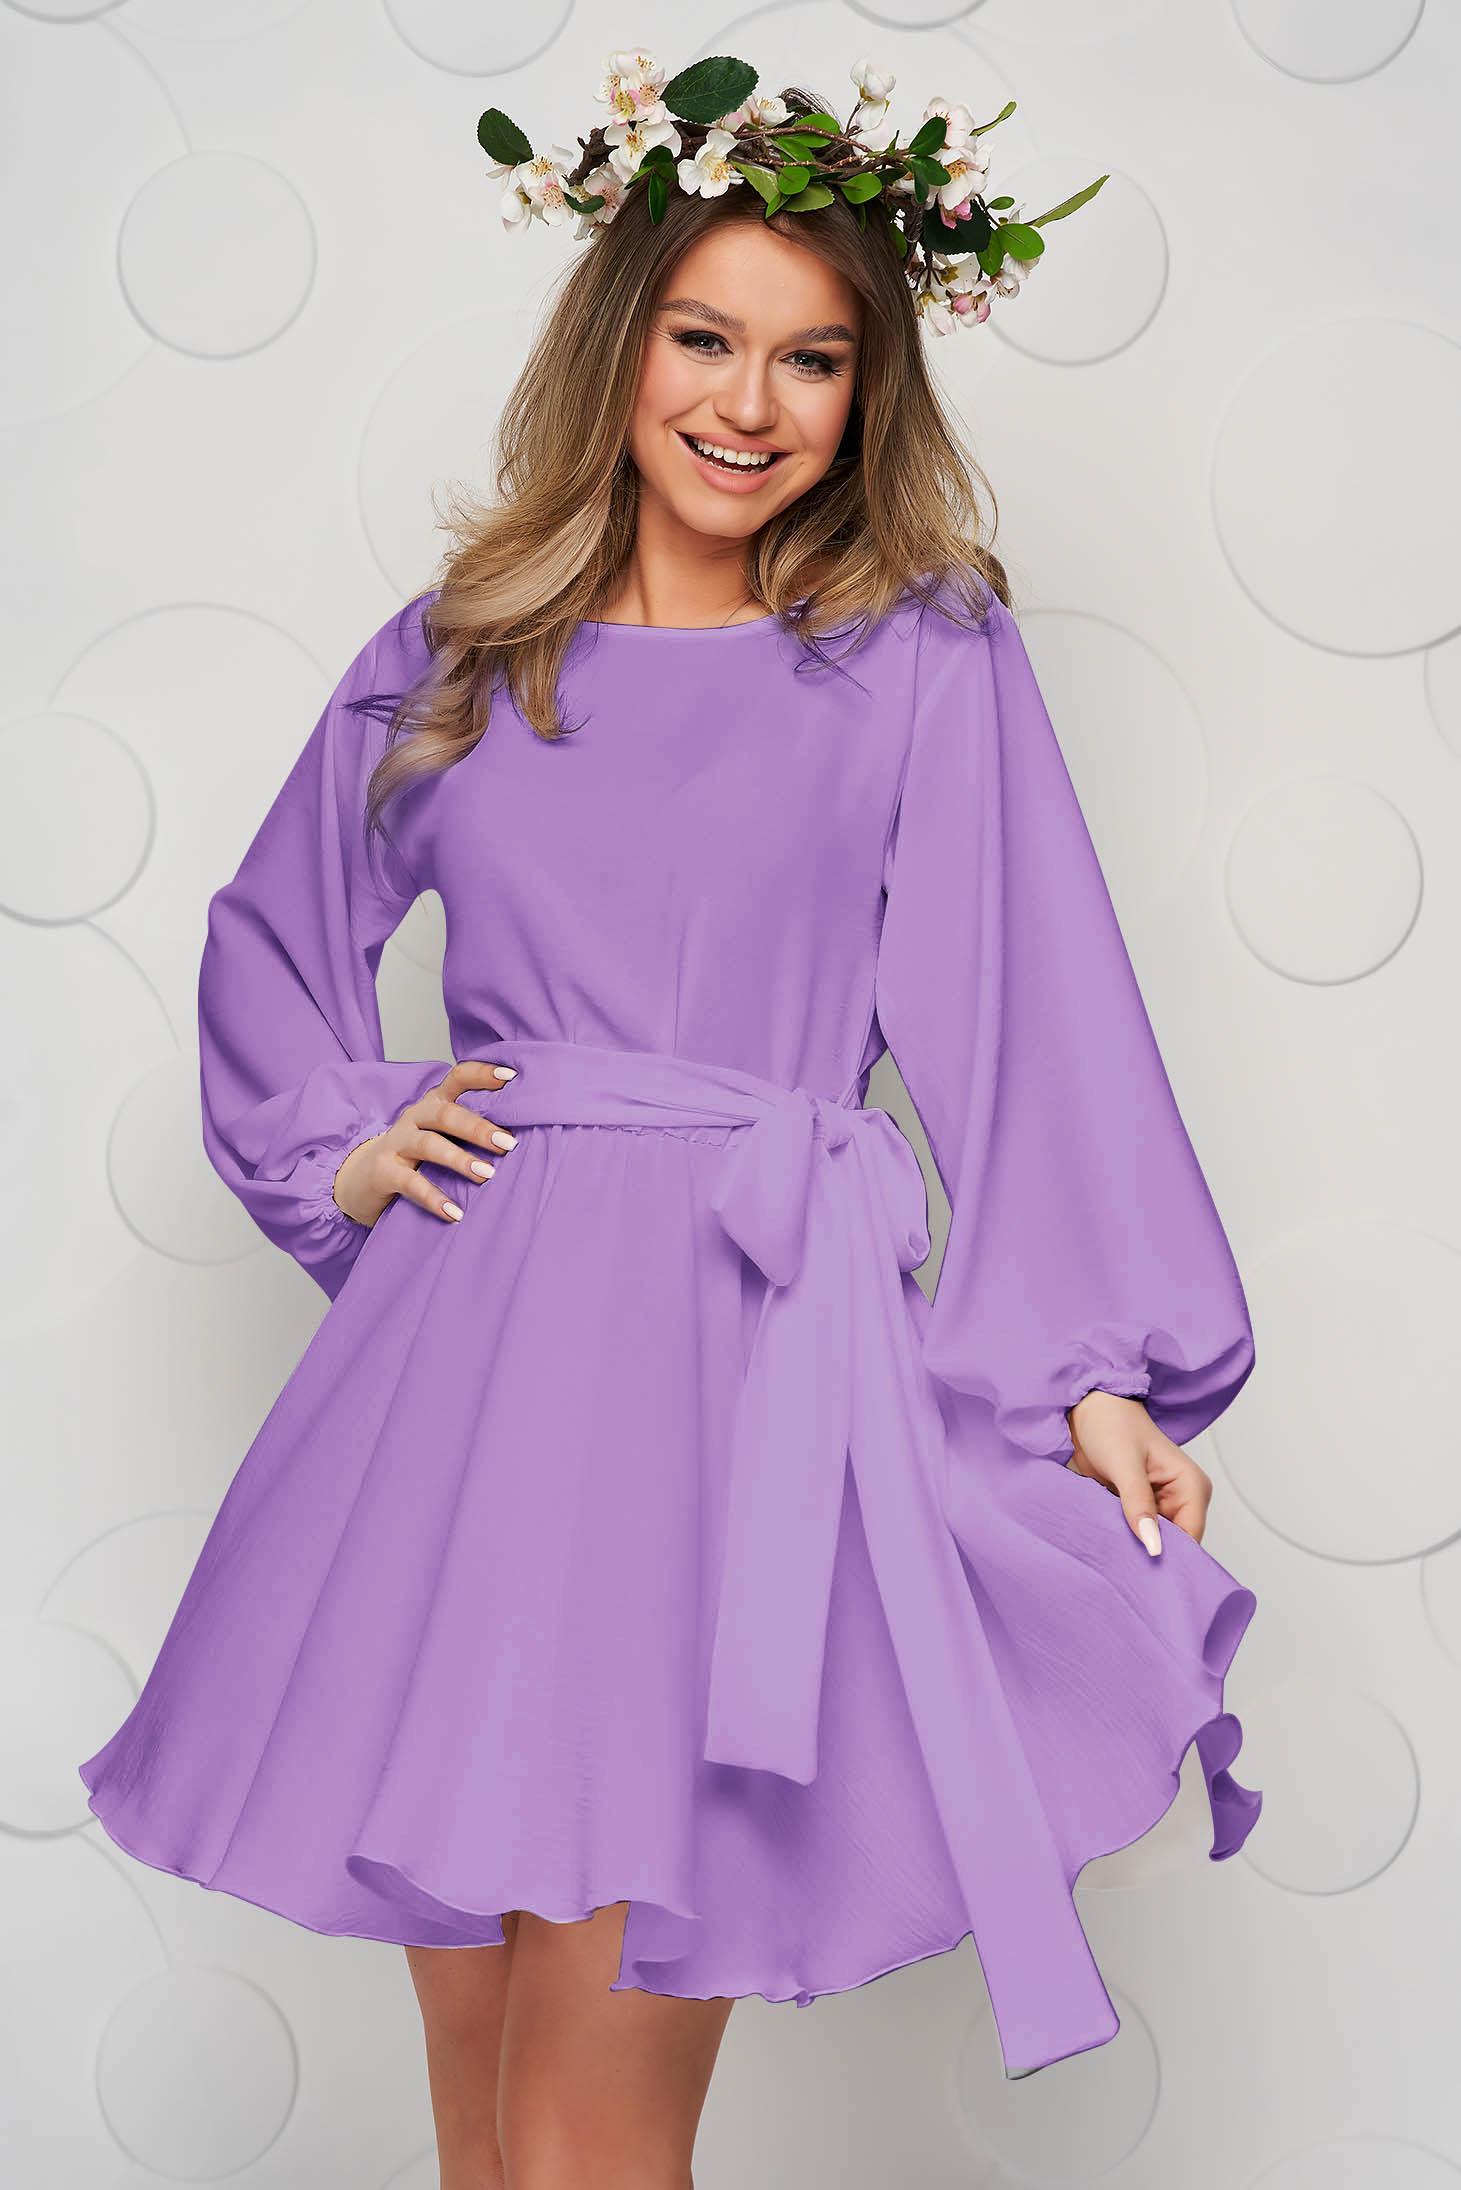 Világos-lila StarShinerS ruha bő ujjú harang alakú gumirozott derékrésszel rugalmas anyagból